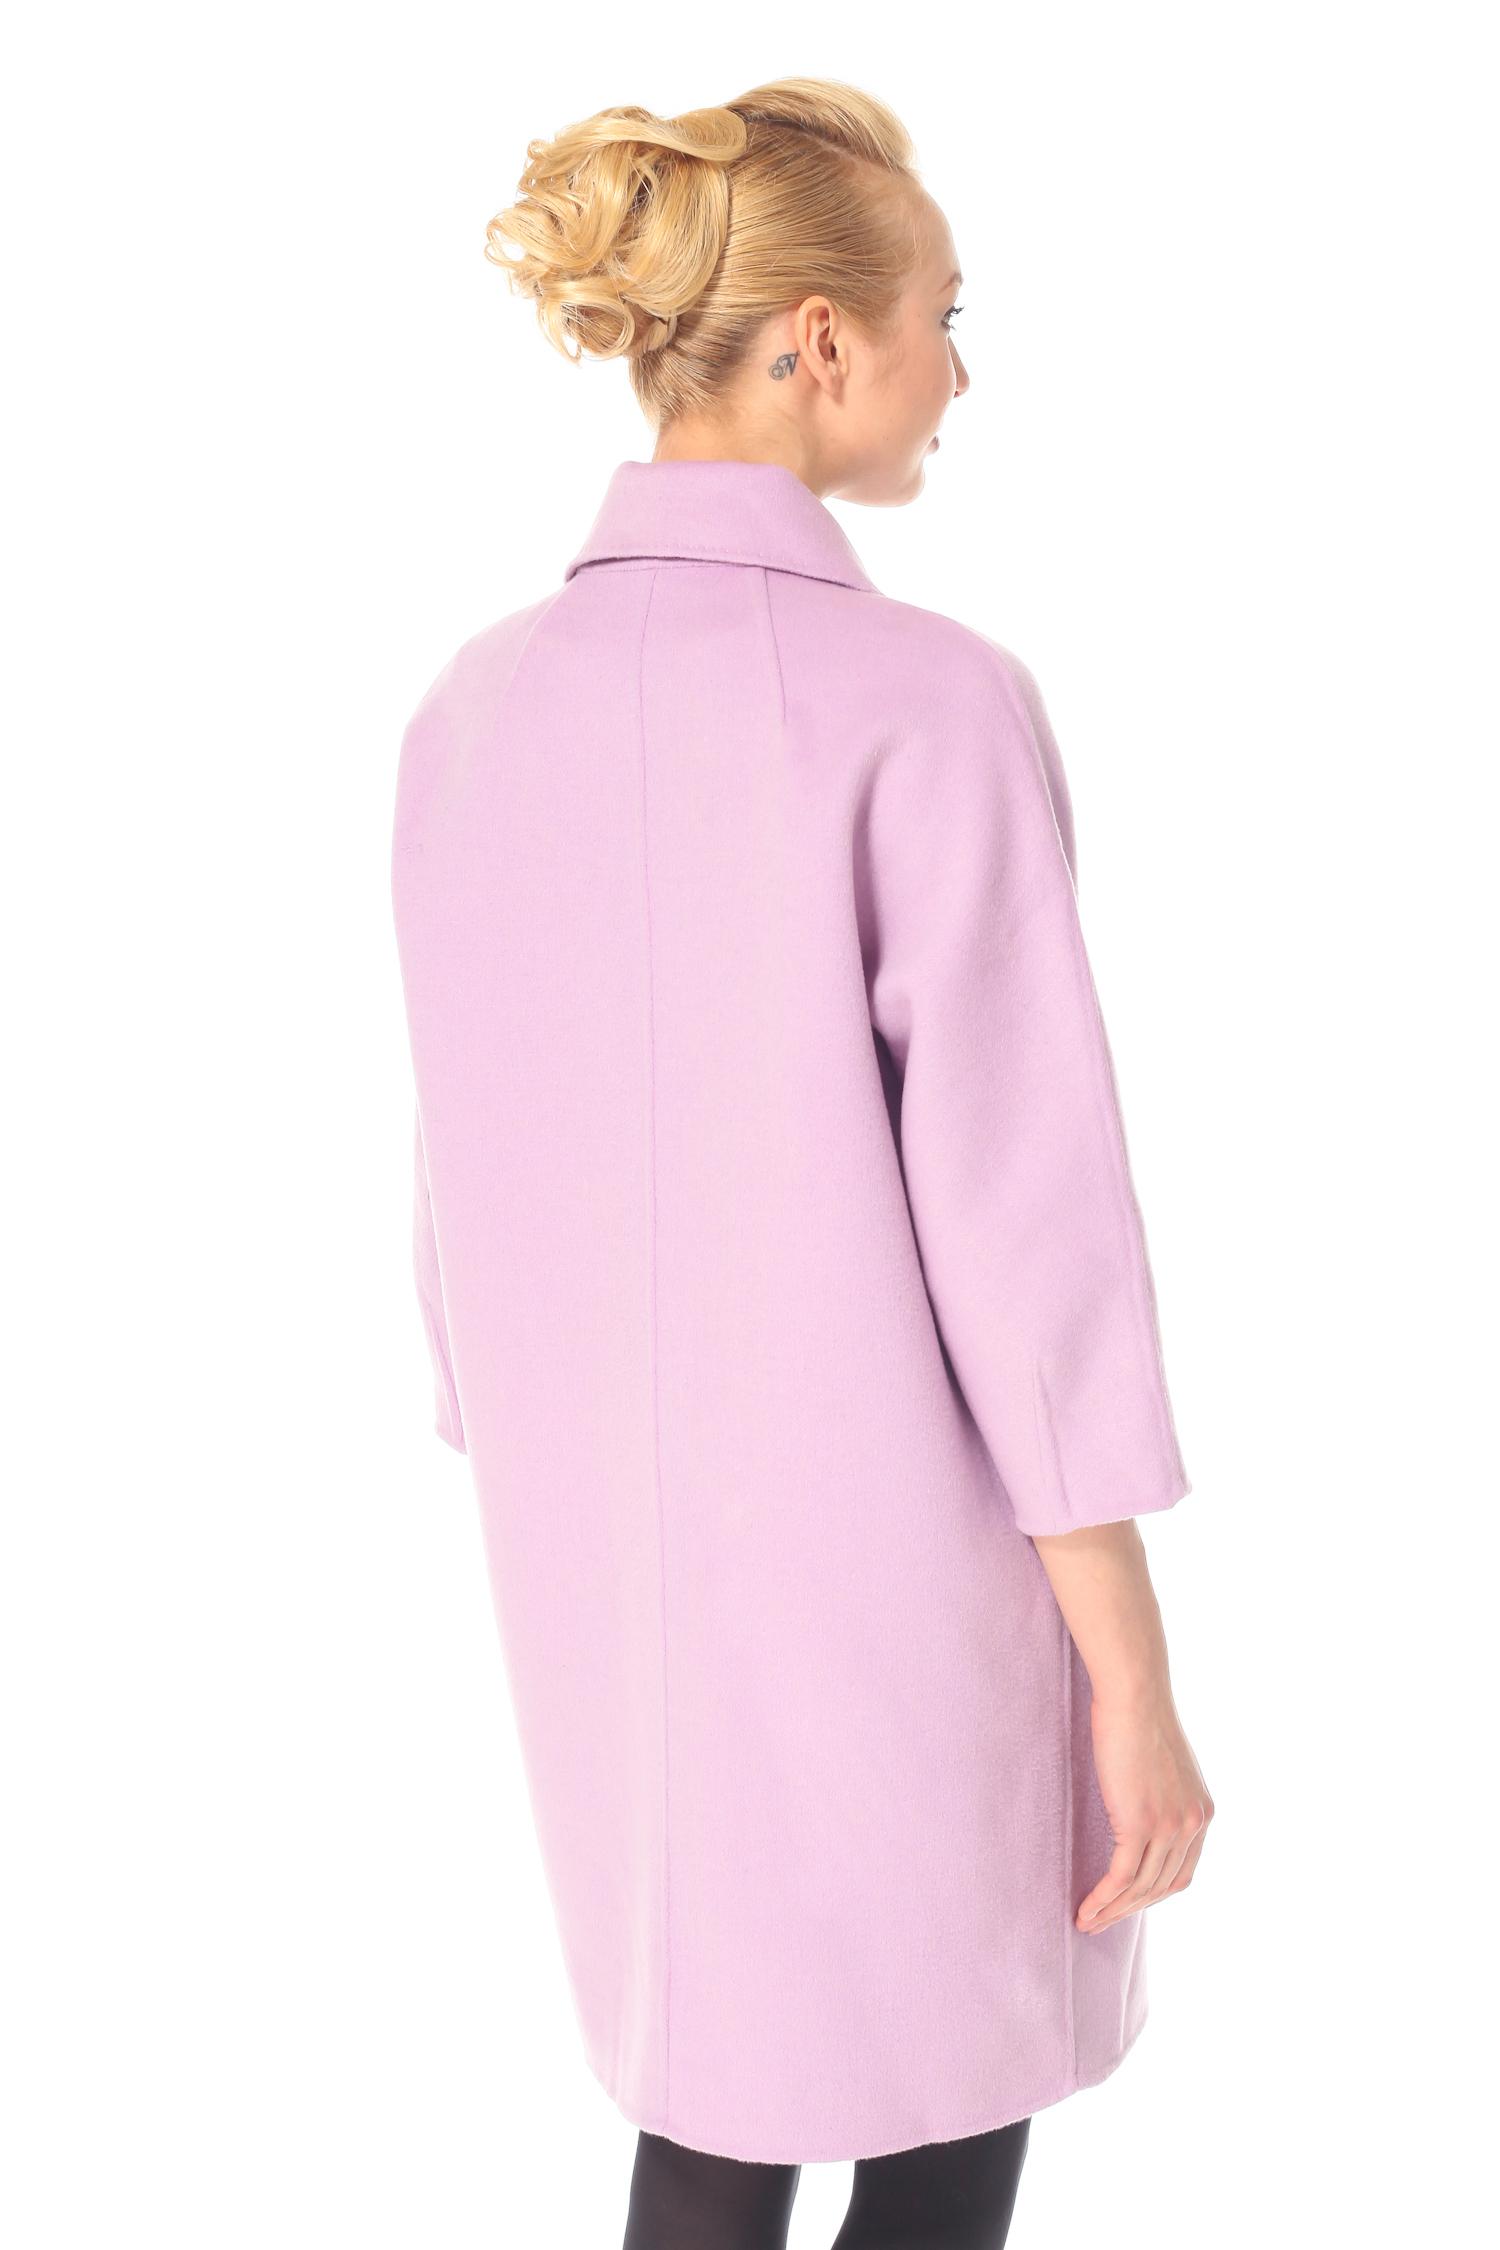 Фото 4 - Женское пальто из текстиля с воротником от МОСМЕХА цвета фуксия